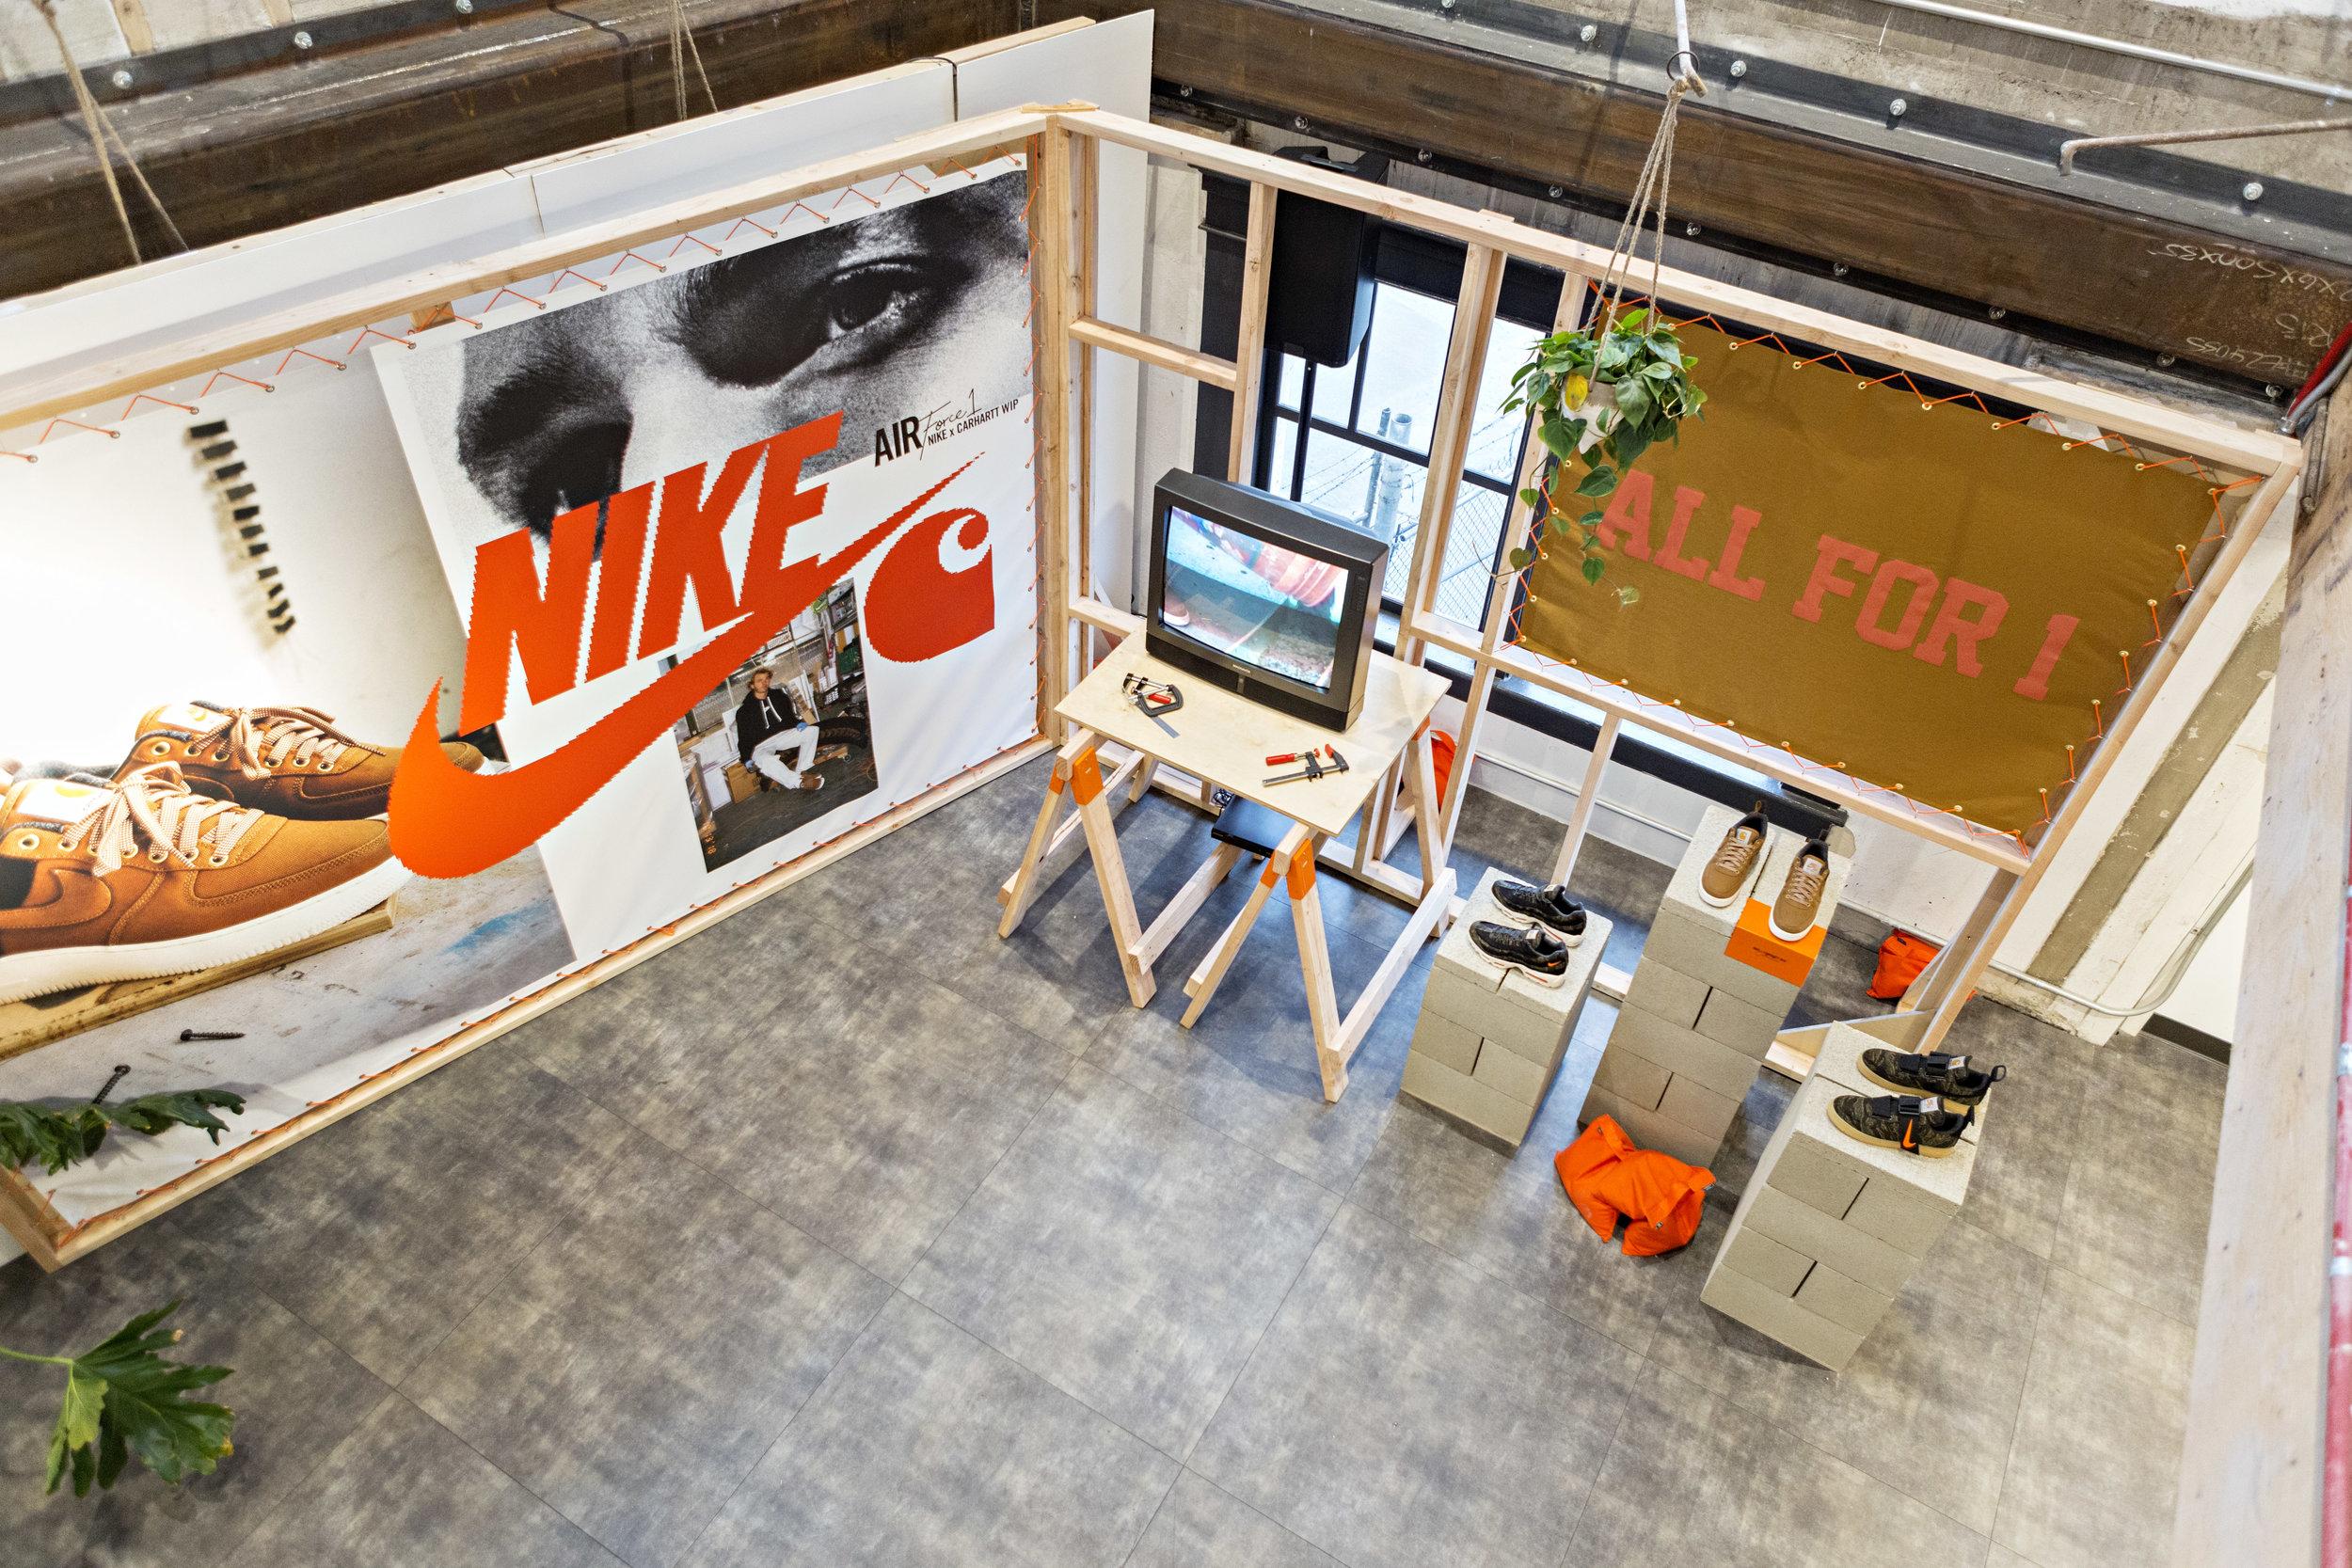 Nike_AF1xCarhartt_LA_2457.jpg